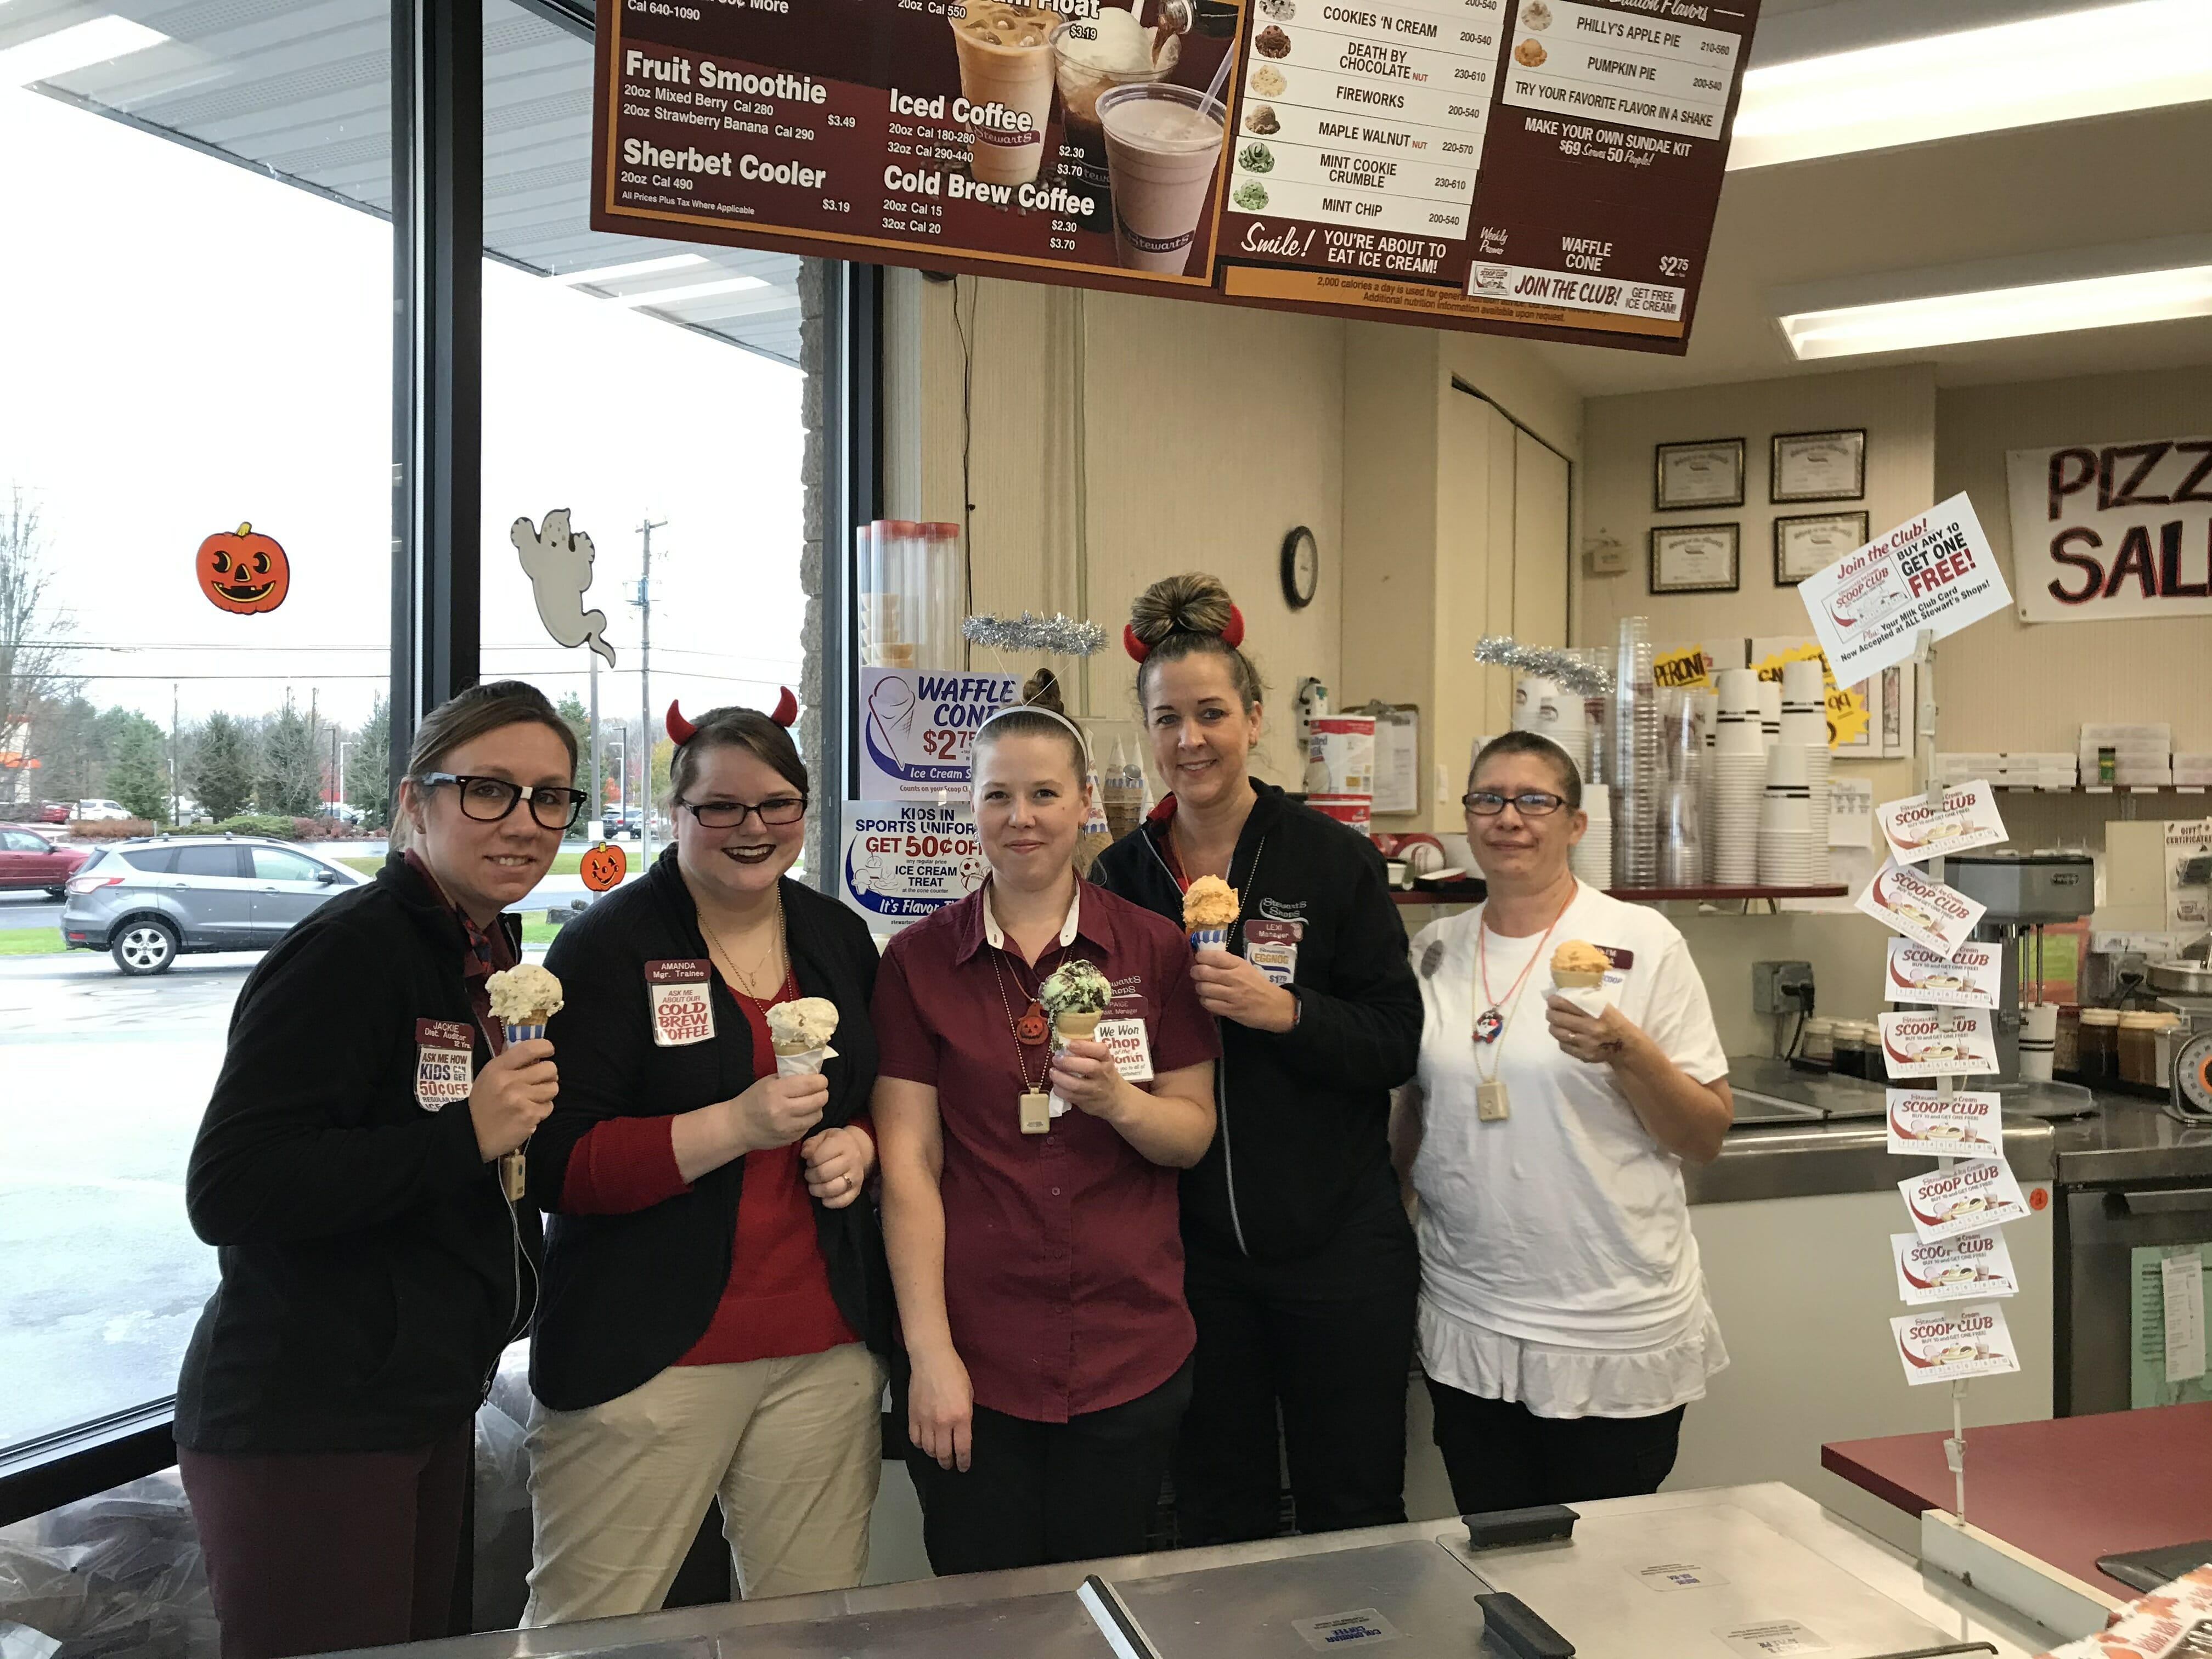 Ice cream at Stewart's